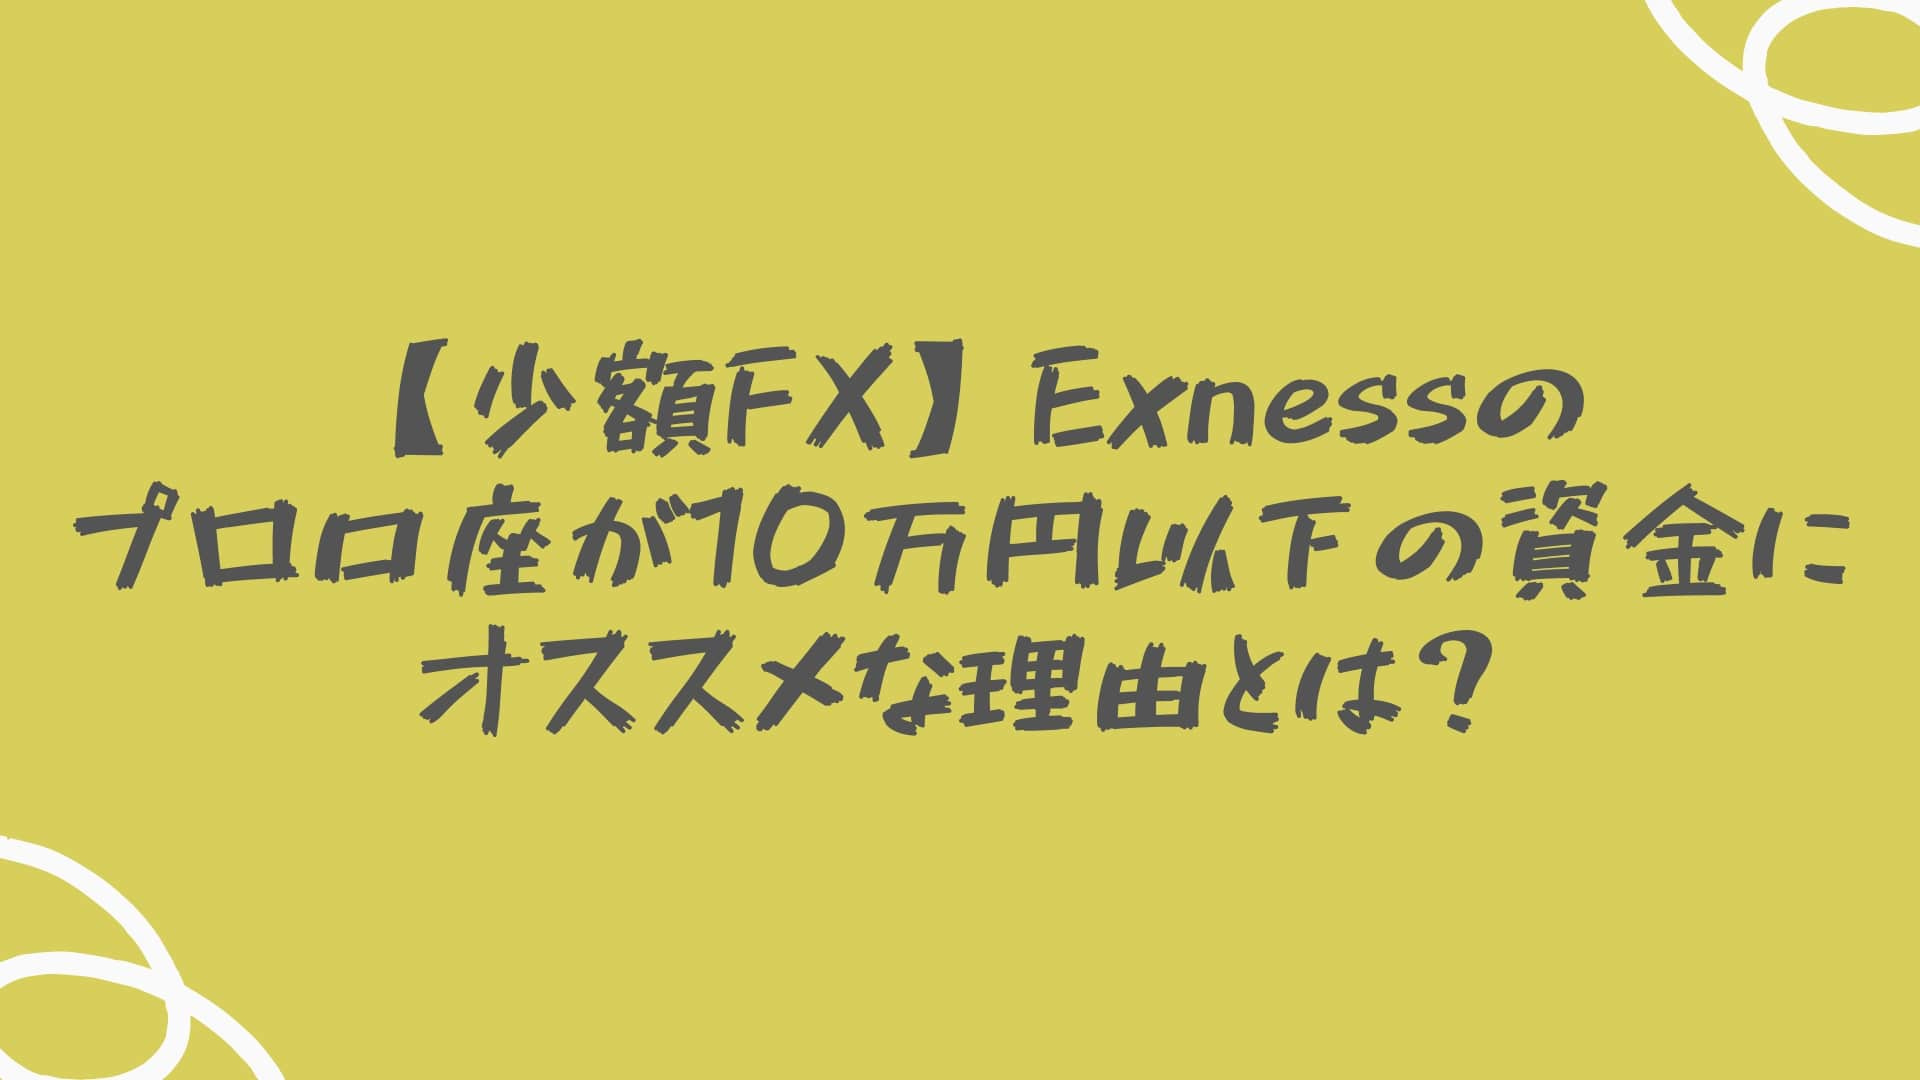 少額 fx